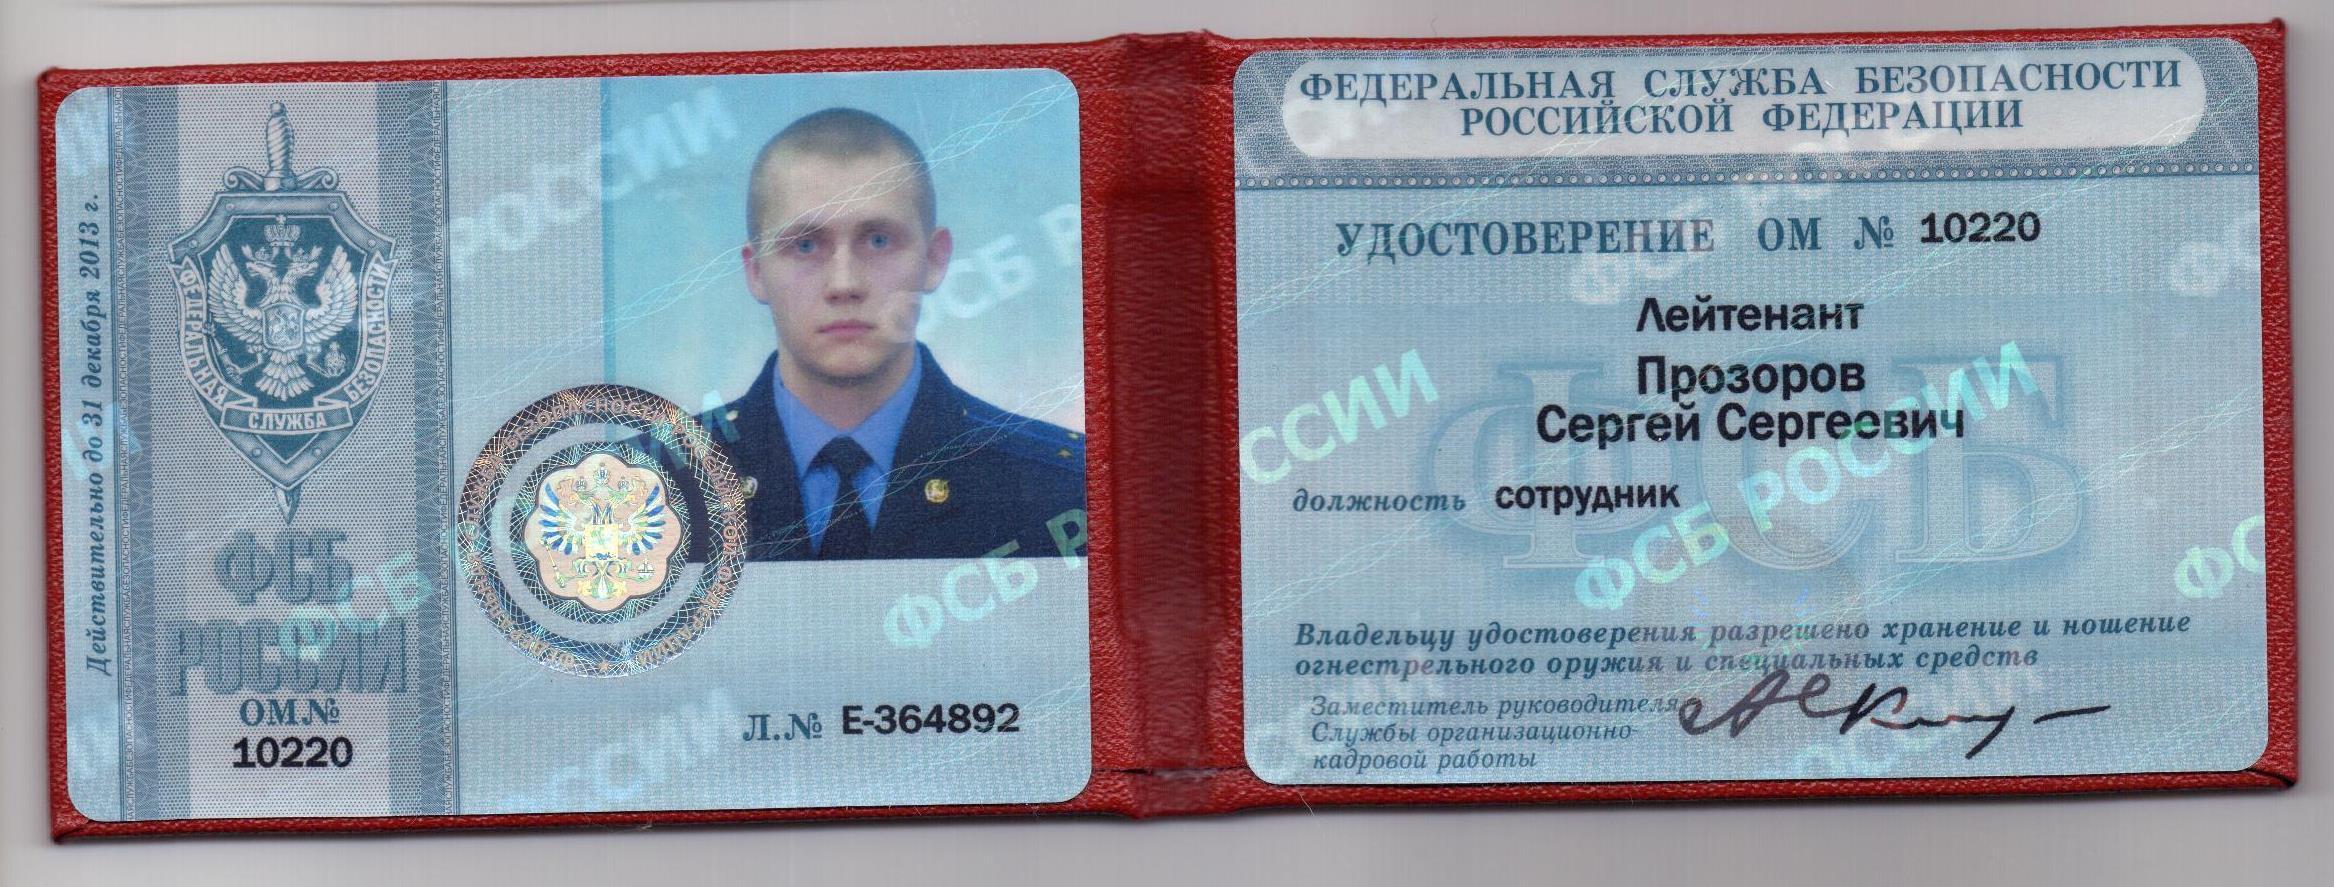 удостоверение личности военнослужащего росгвардии фото двухслойное термобелье